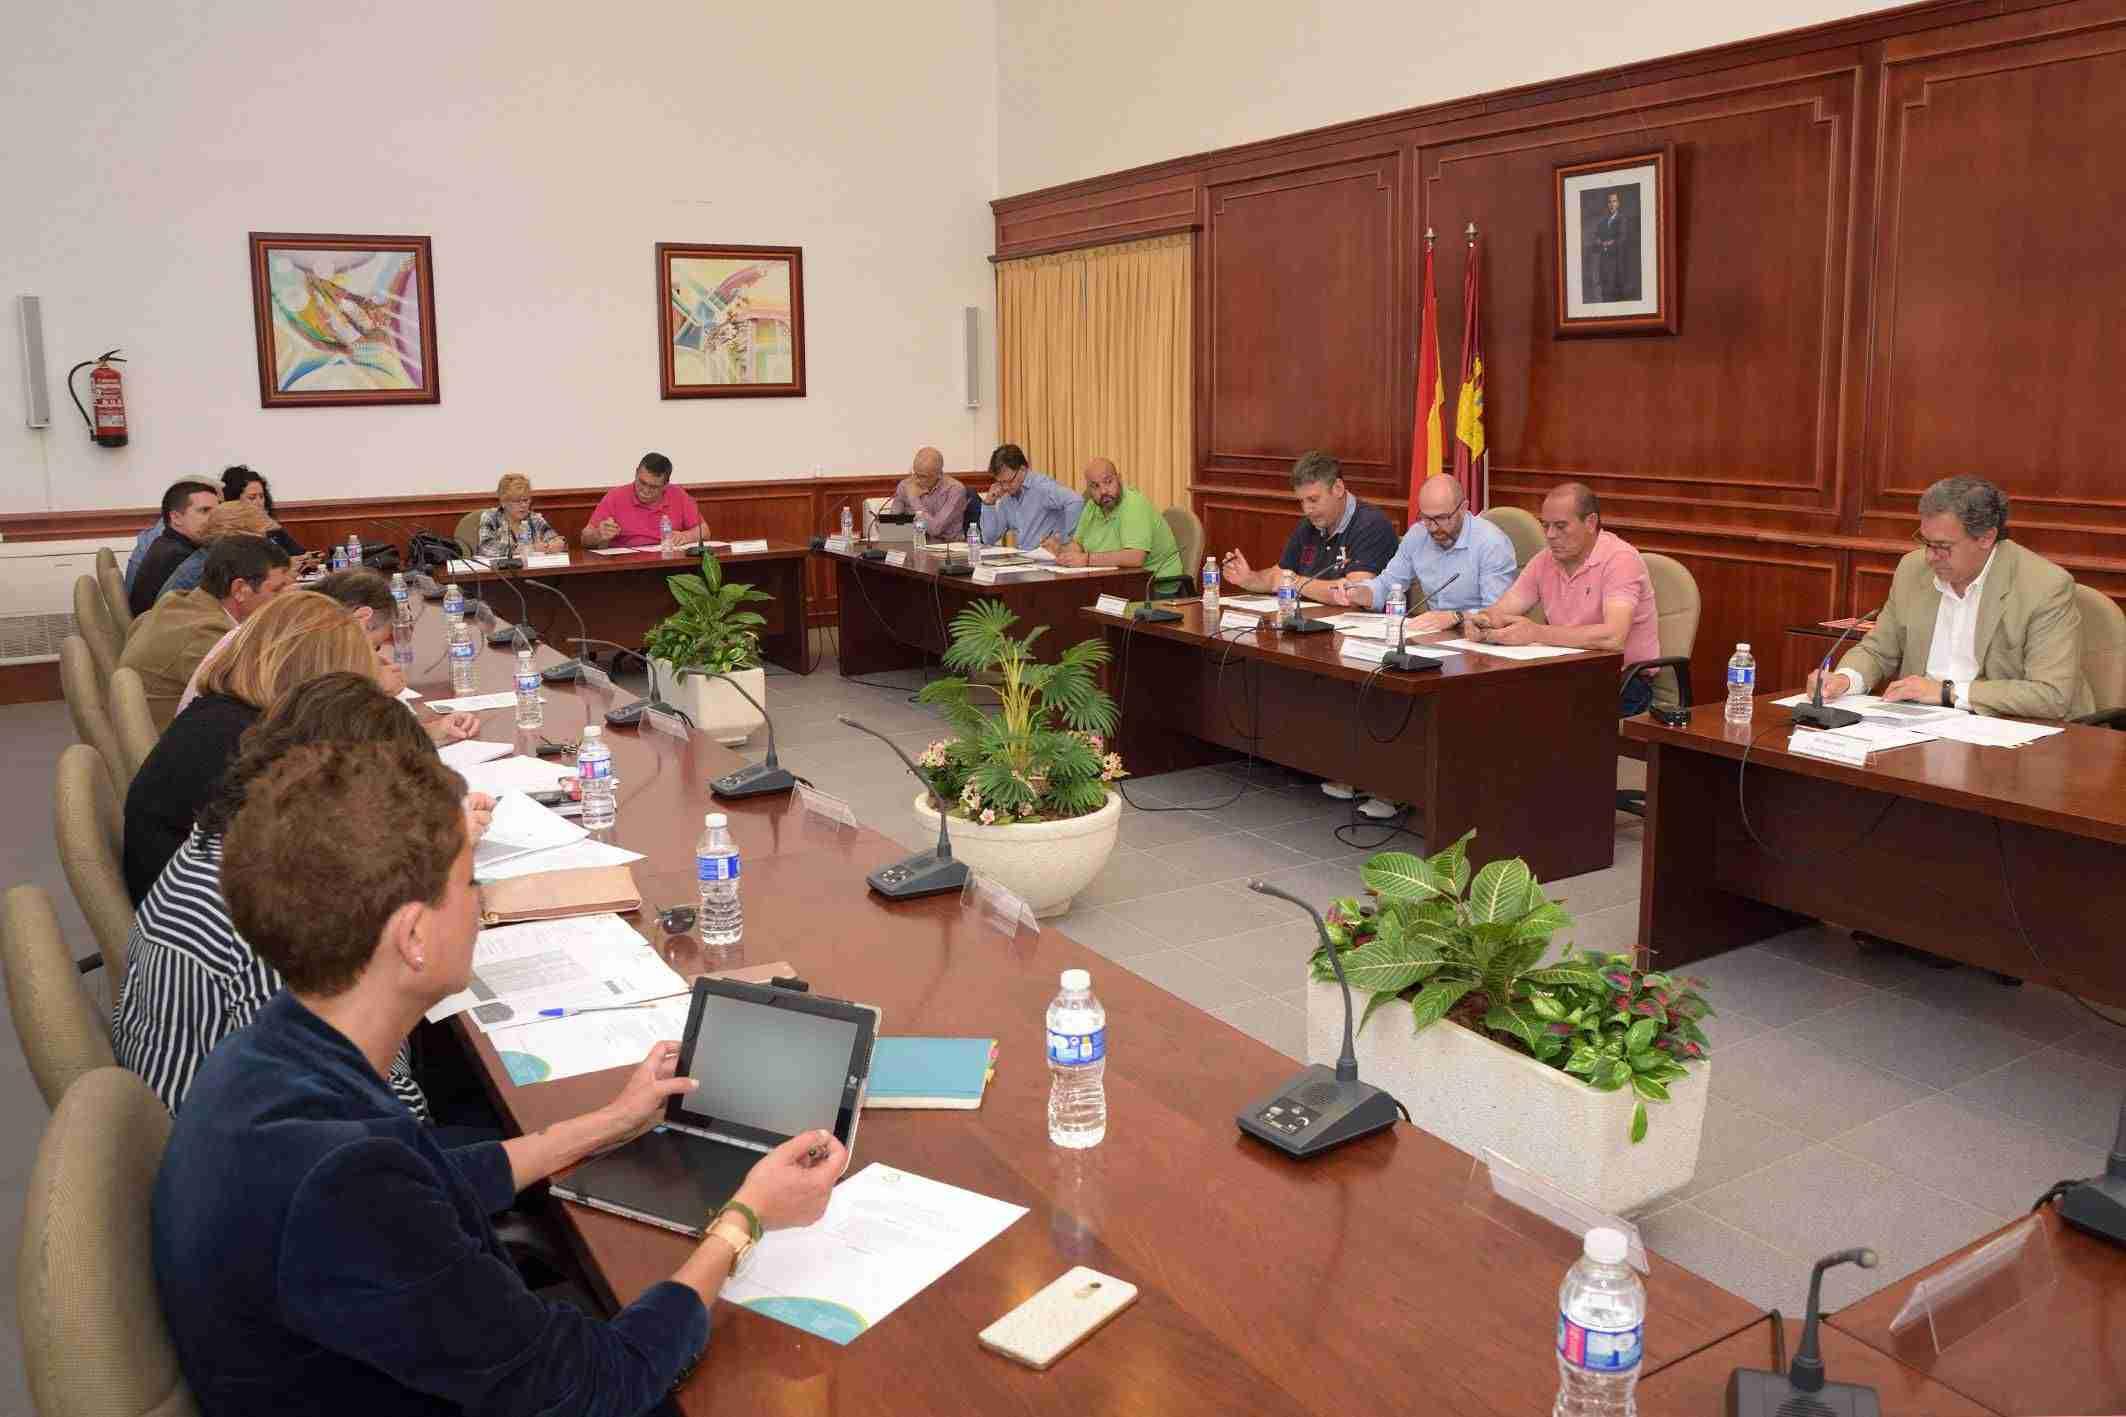 El Pleno de Comsermancha celebró su sesión ordinaria del mes de junio 1